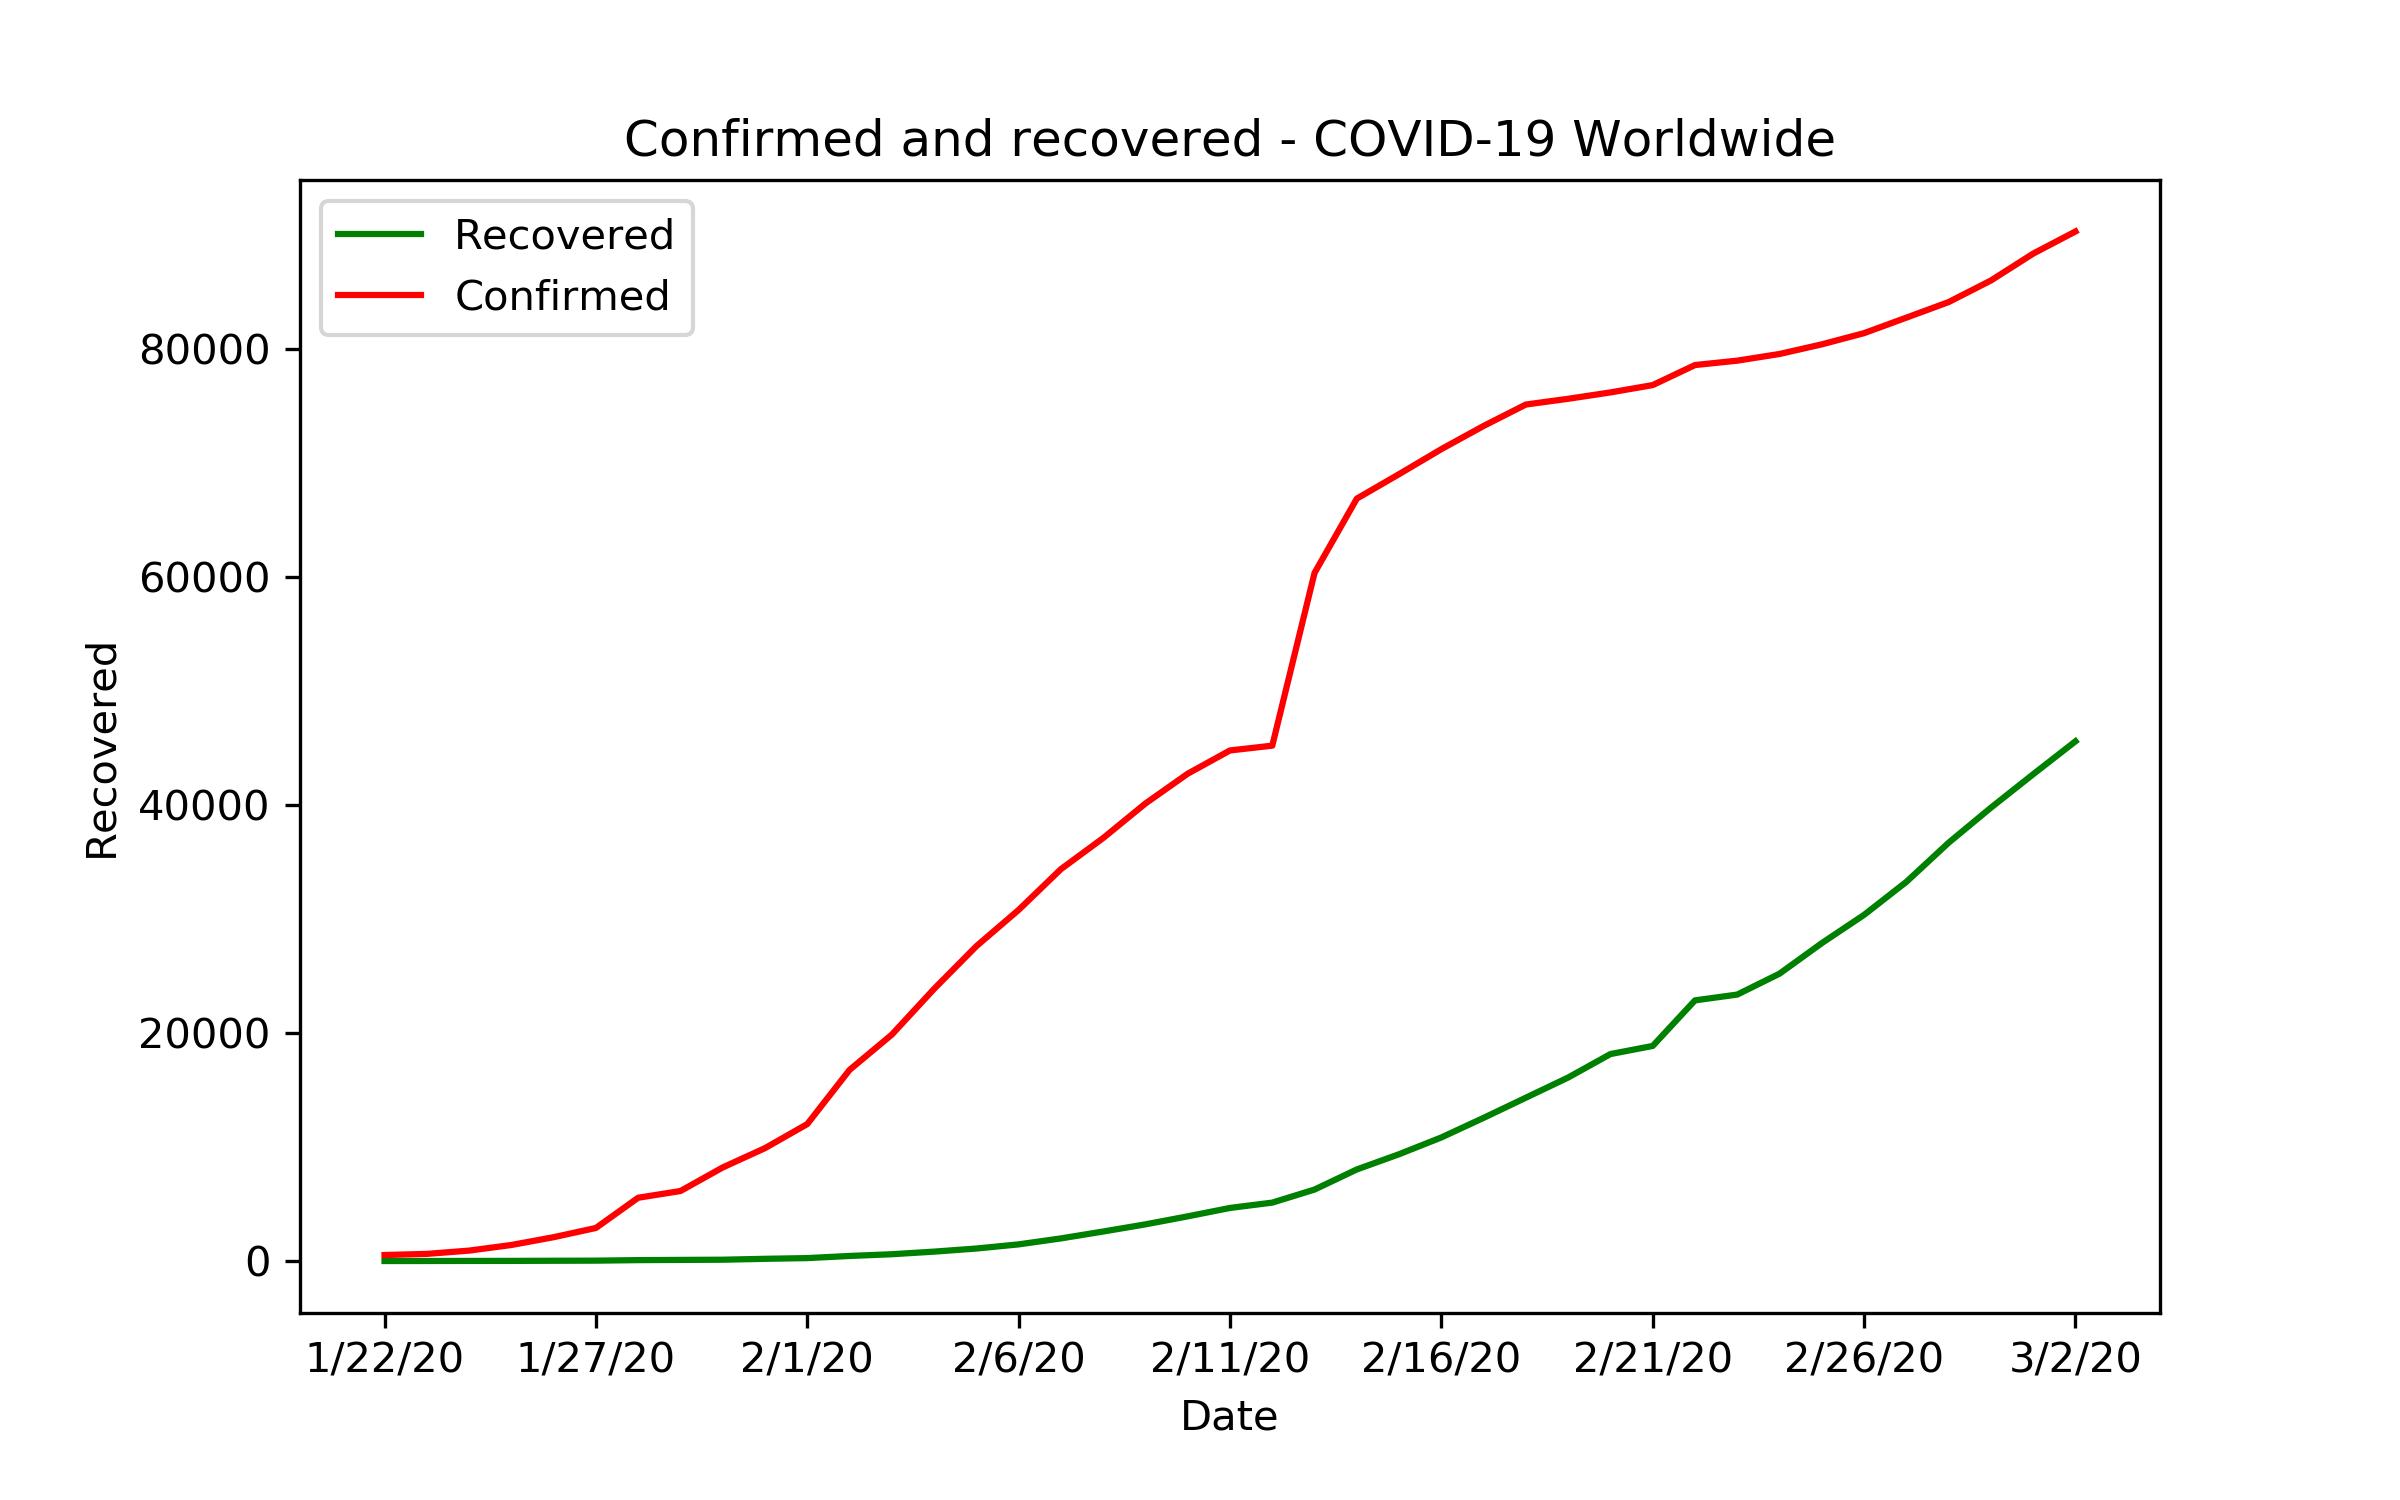 Liniendiagramm: Bestätigte Infektionen und Heilungen weltweit